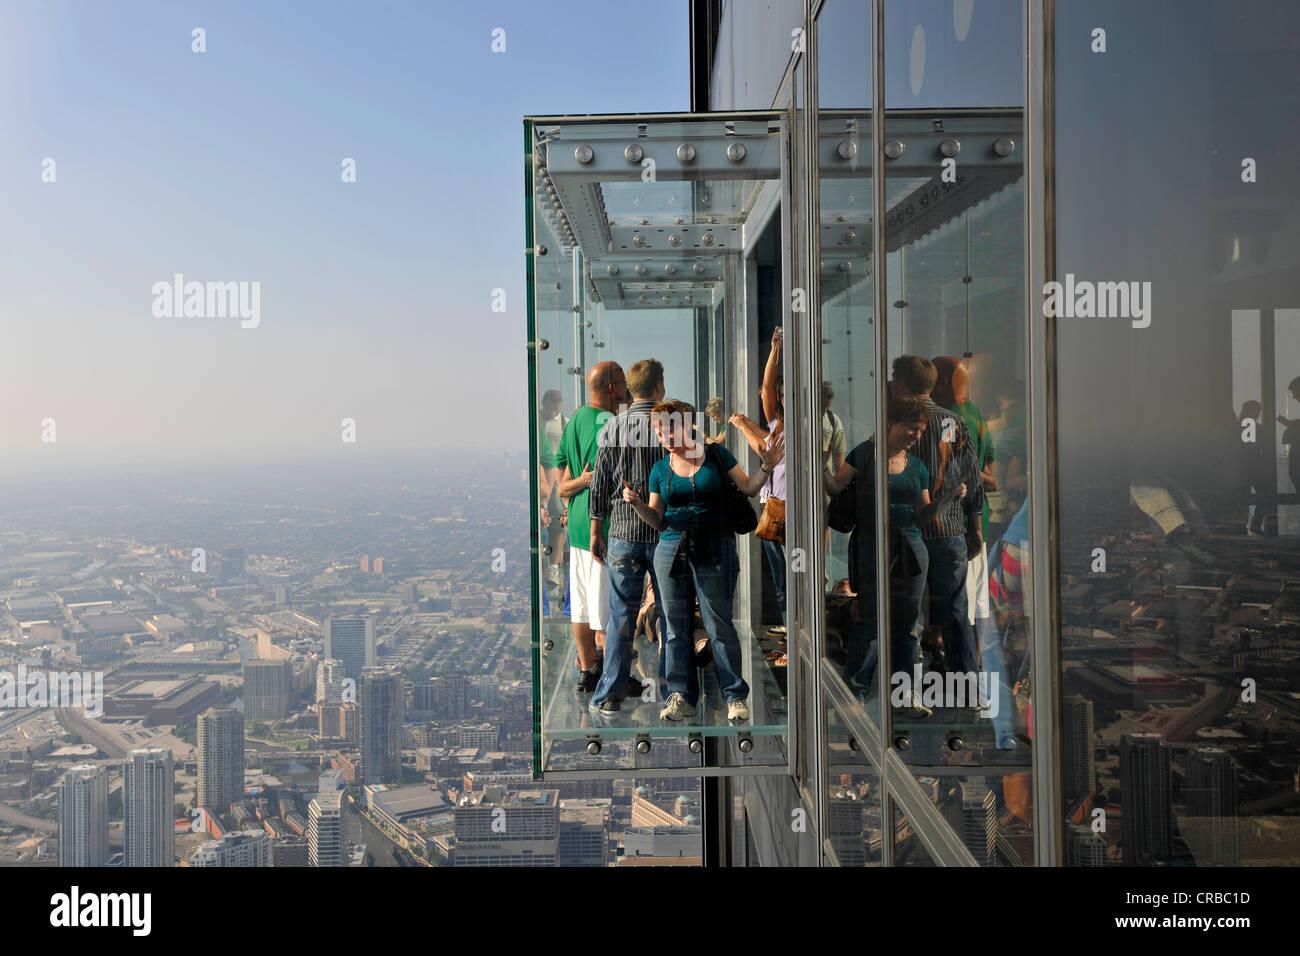 Visiteurs sur le 412 mètres de haut, la plate-forme d'observation Skydeck, la Willis tower, anciennement Photo Stock